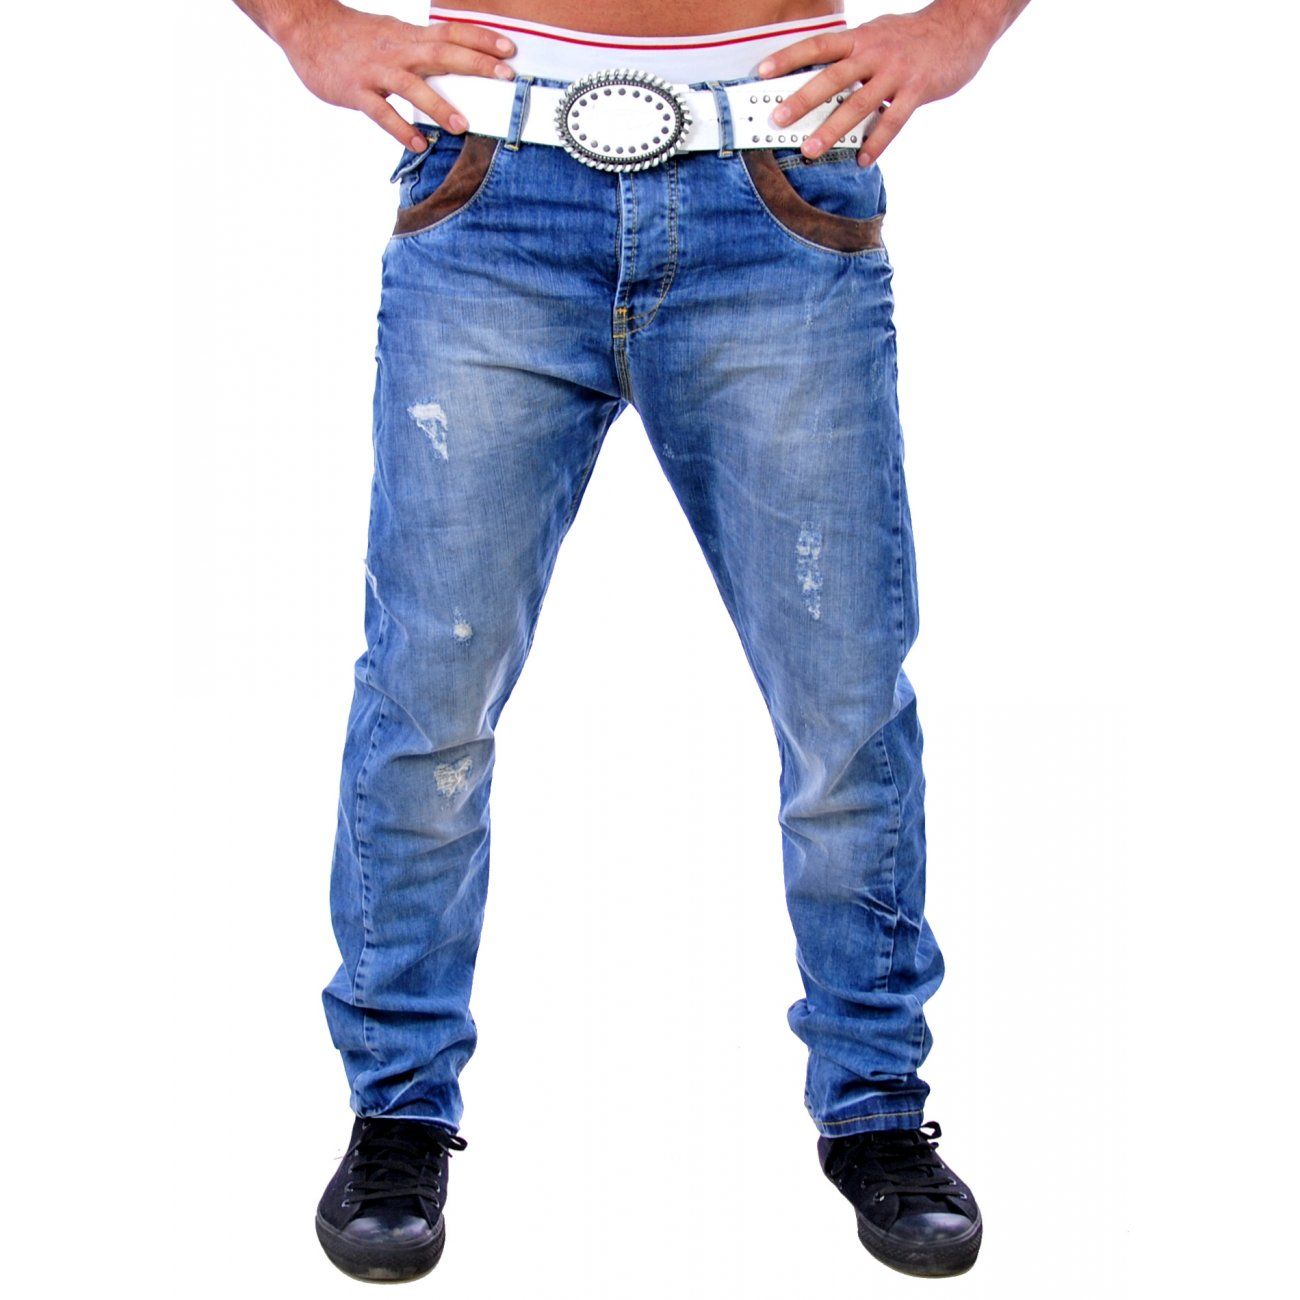 vsct jeans blau herren hose patched jeanshosen kaufen. Black Bedroom Furniture Sets. Home Design Ideas